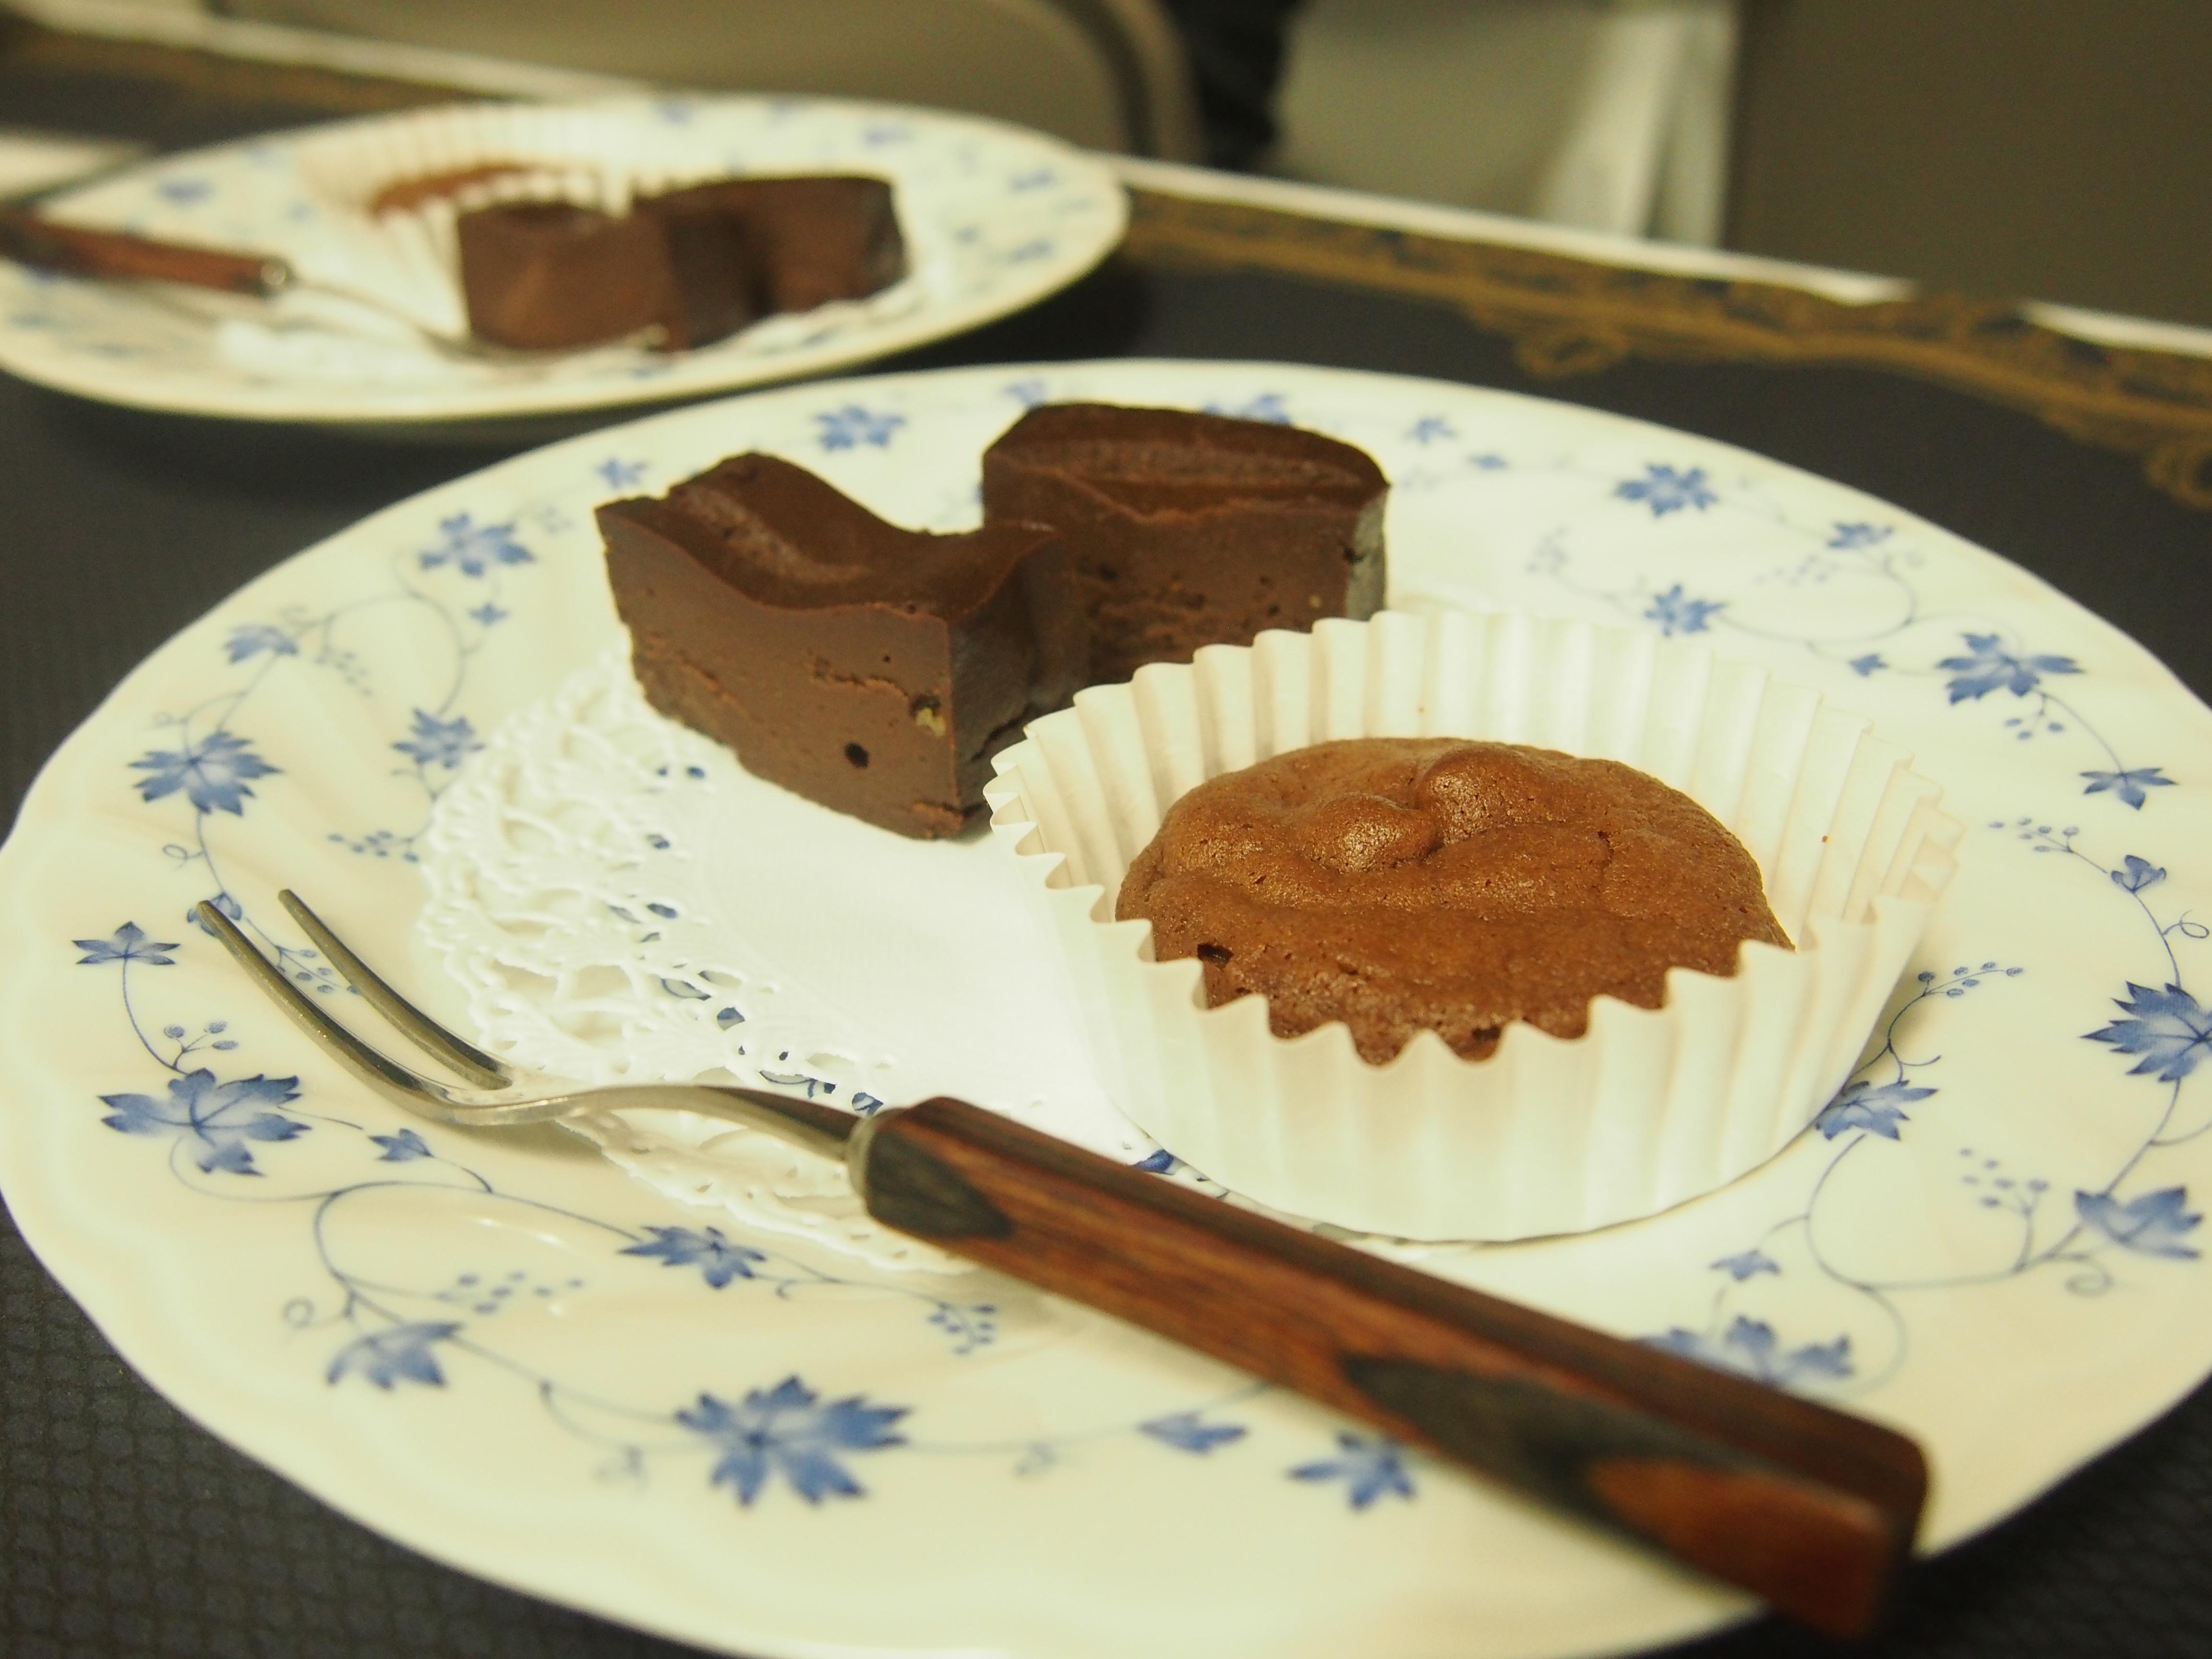 全国に先駆け名古屋に!人気チョコ専門店発の新ブランド「RURU MARY'S」 - PA032270